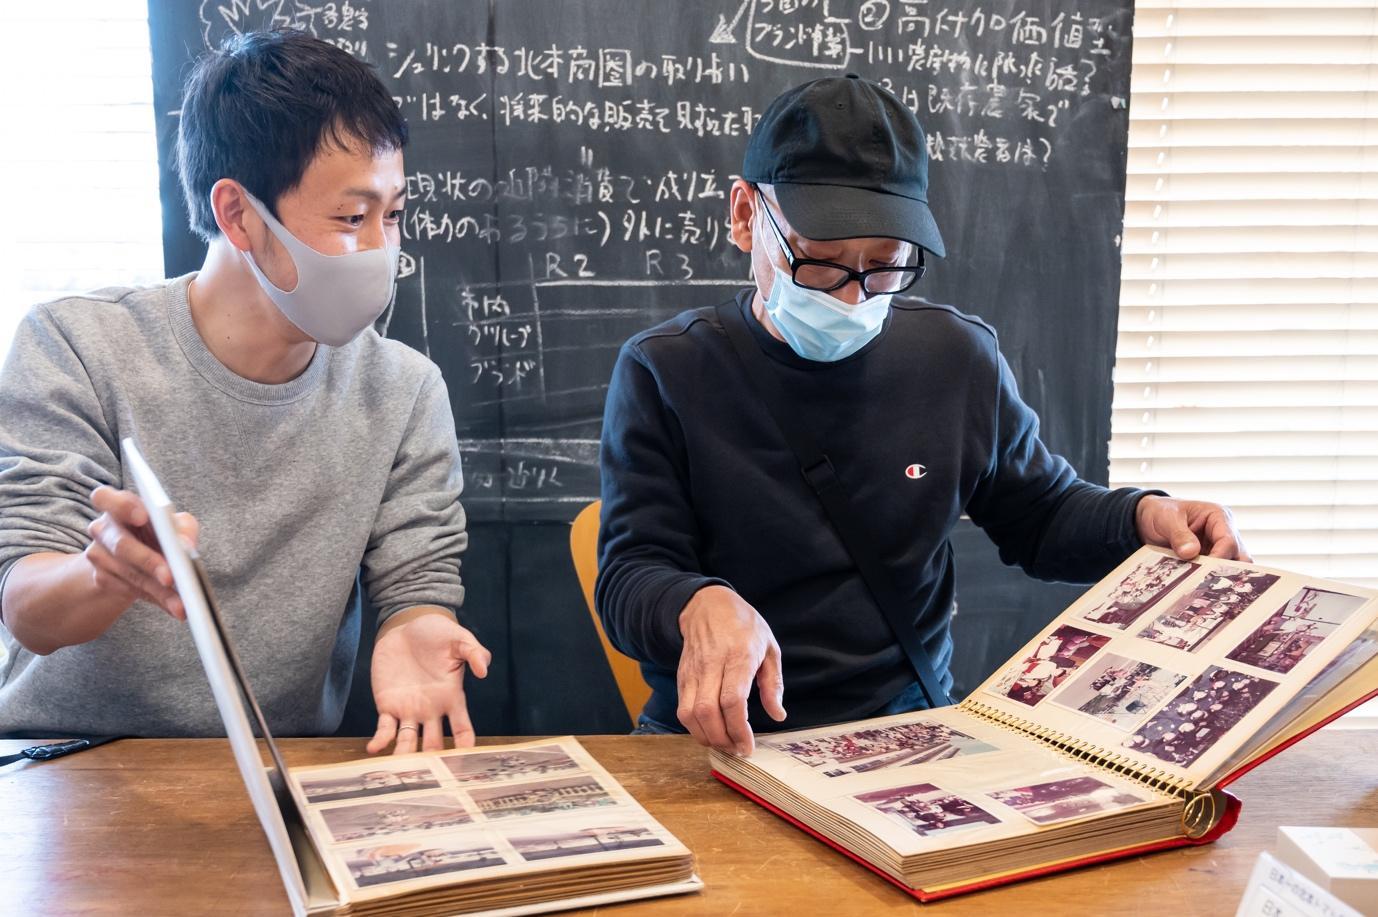 人, テーブル, 窓, 座る が含まれている画像  自動的に生成された説明